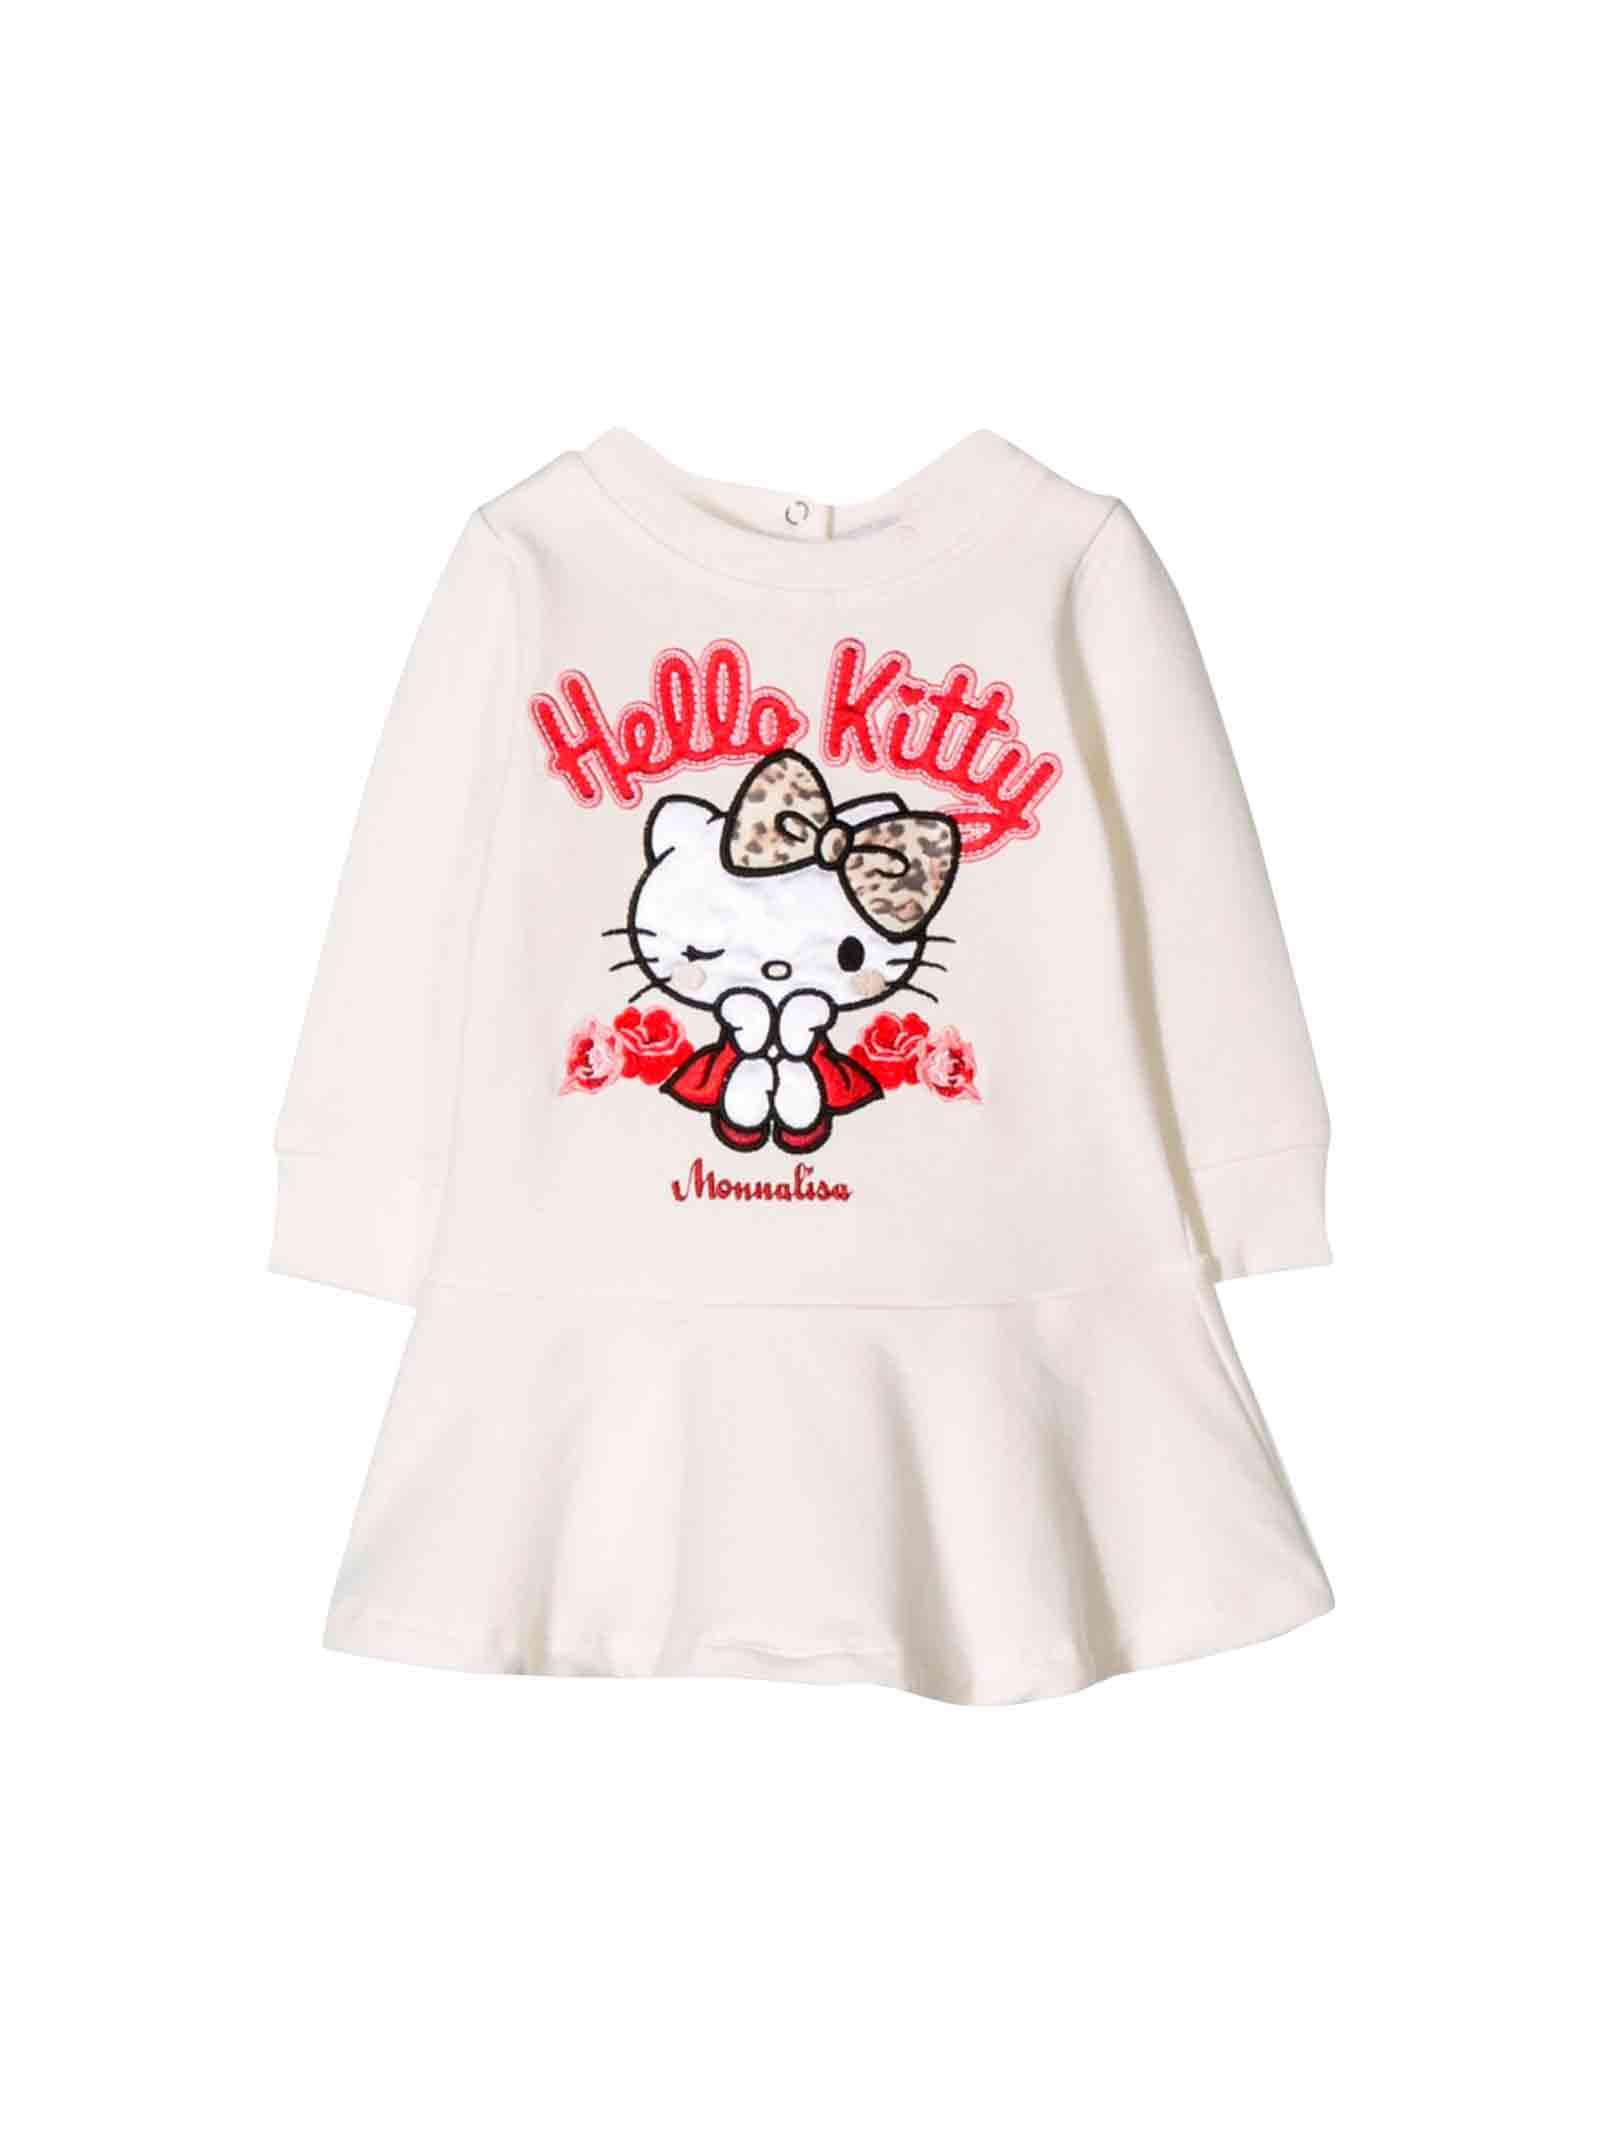 Monnalisa Newborn White Dress